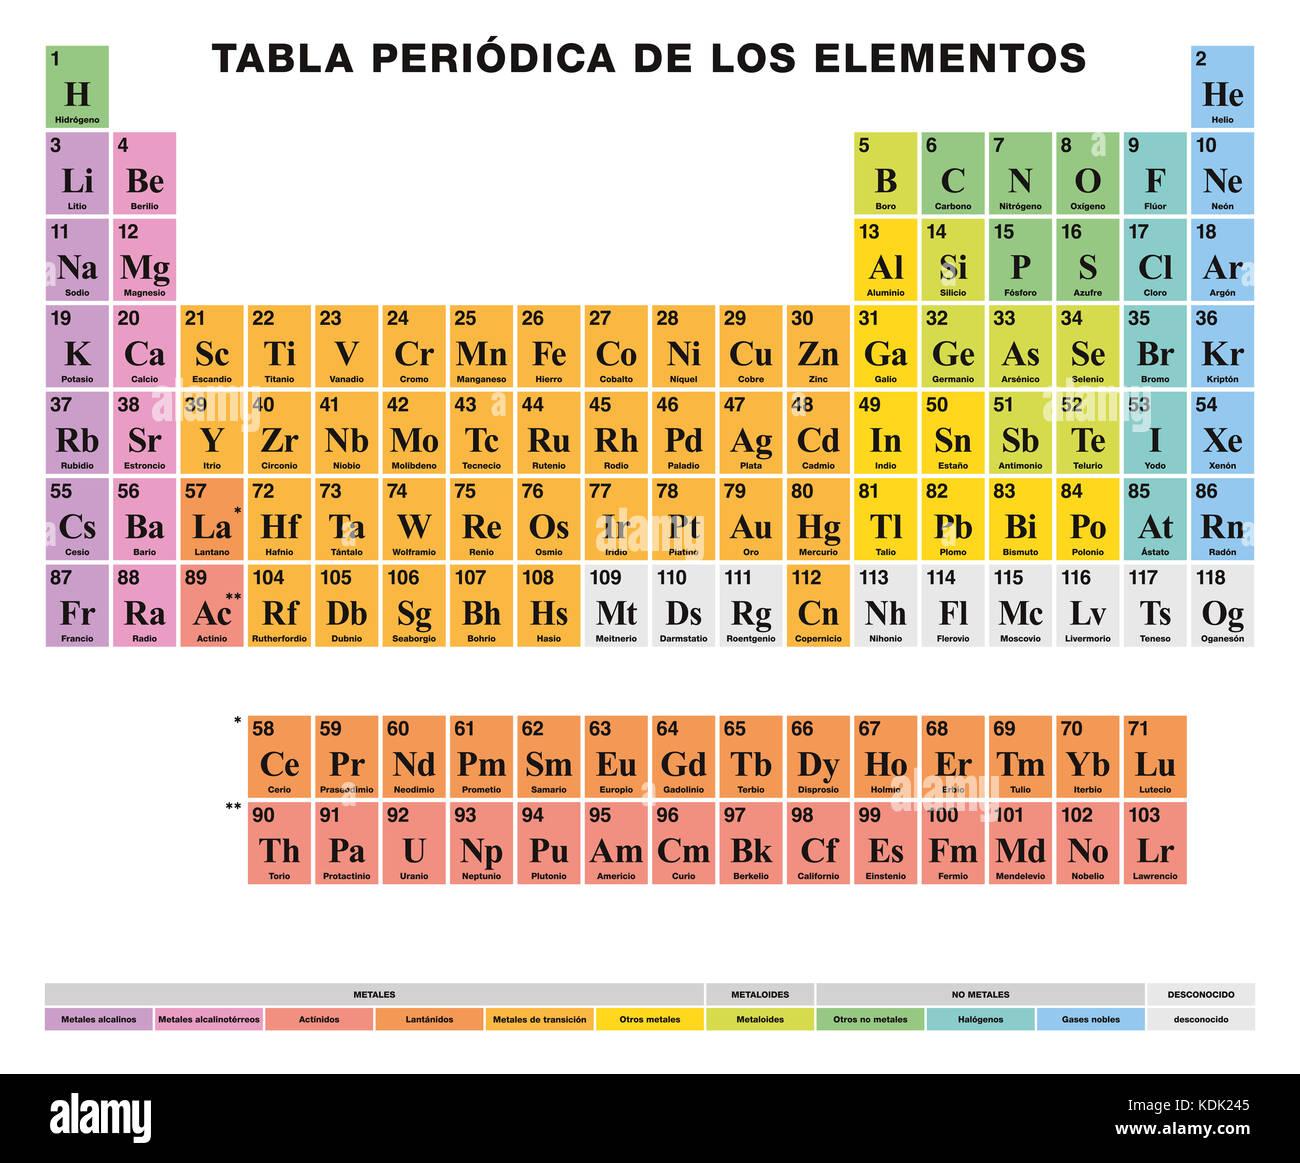 tabla peridica de los elementos rtulos en espaol disposicin tabular de los 118 elementos qumicos de nmeros atmicos los smbolos los nombres y las - Imagenes De Tabla Periodica En Espanol